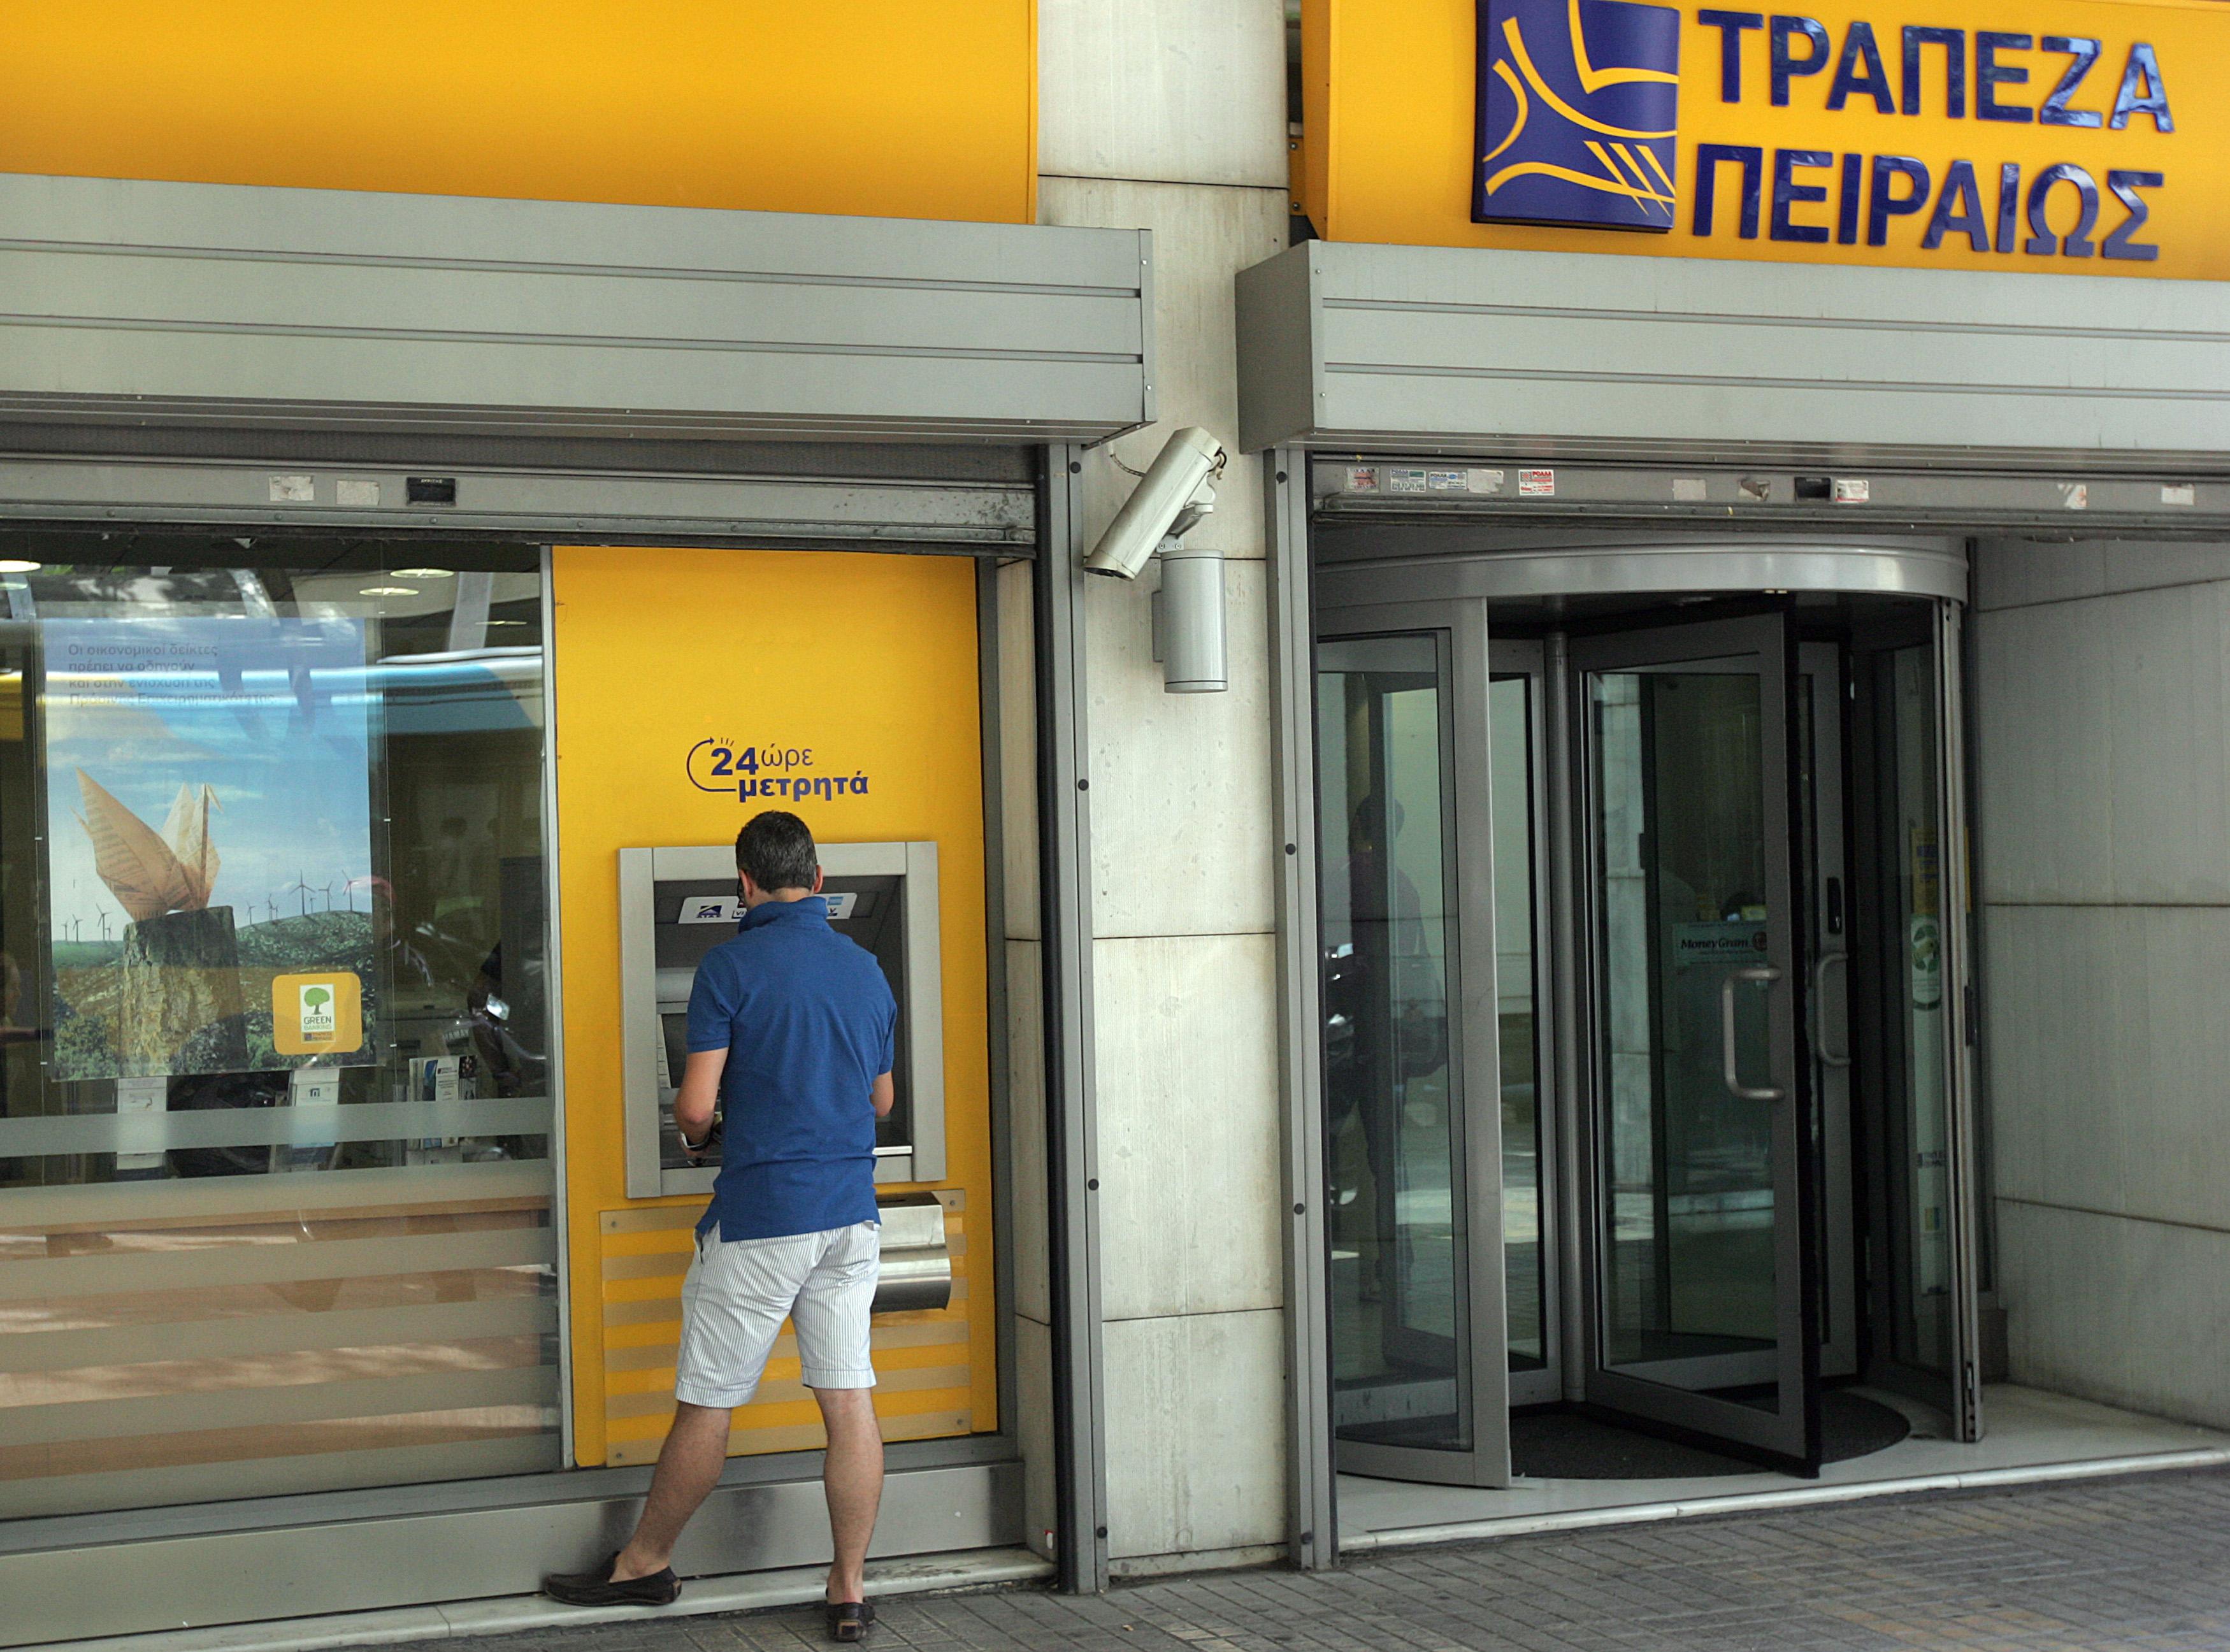 Τράπεζα Πειραιώς: Απάντηση στο Reteurs για δημοσίευμά του | tovima.gr